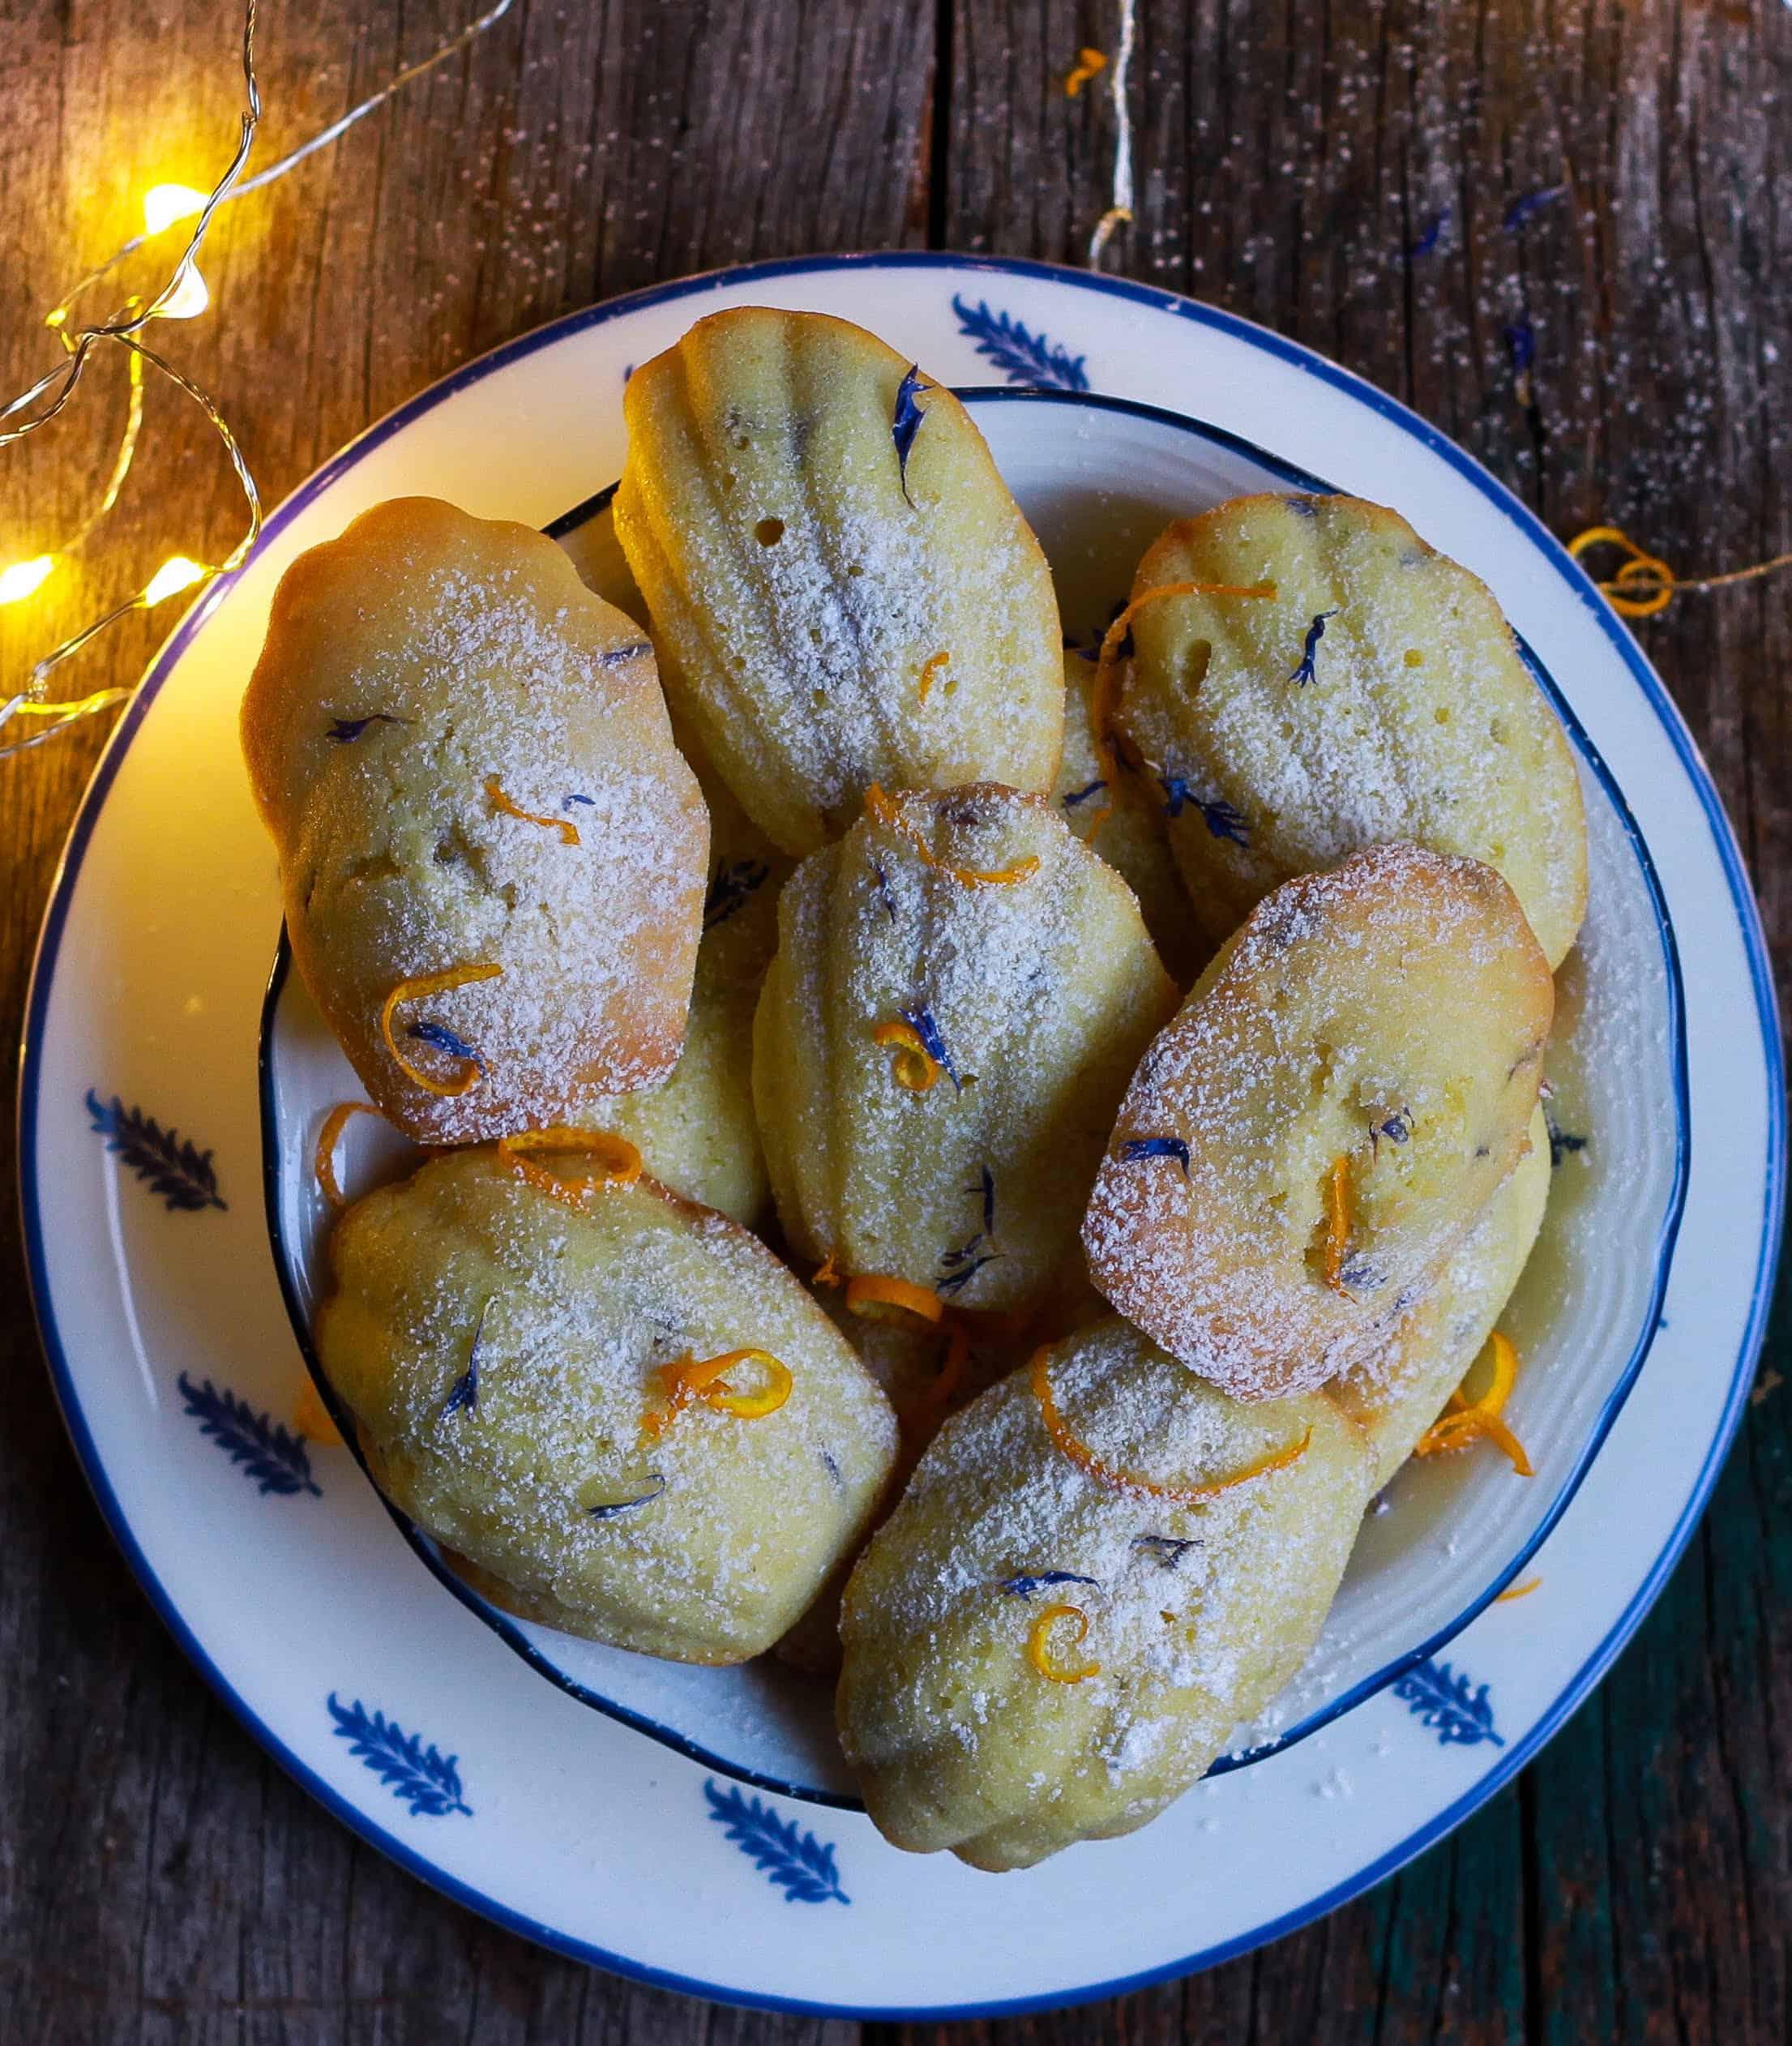 Orange Madeleines w/ dried blue cornflowers French cake